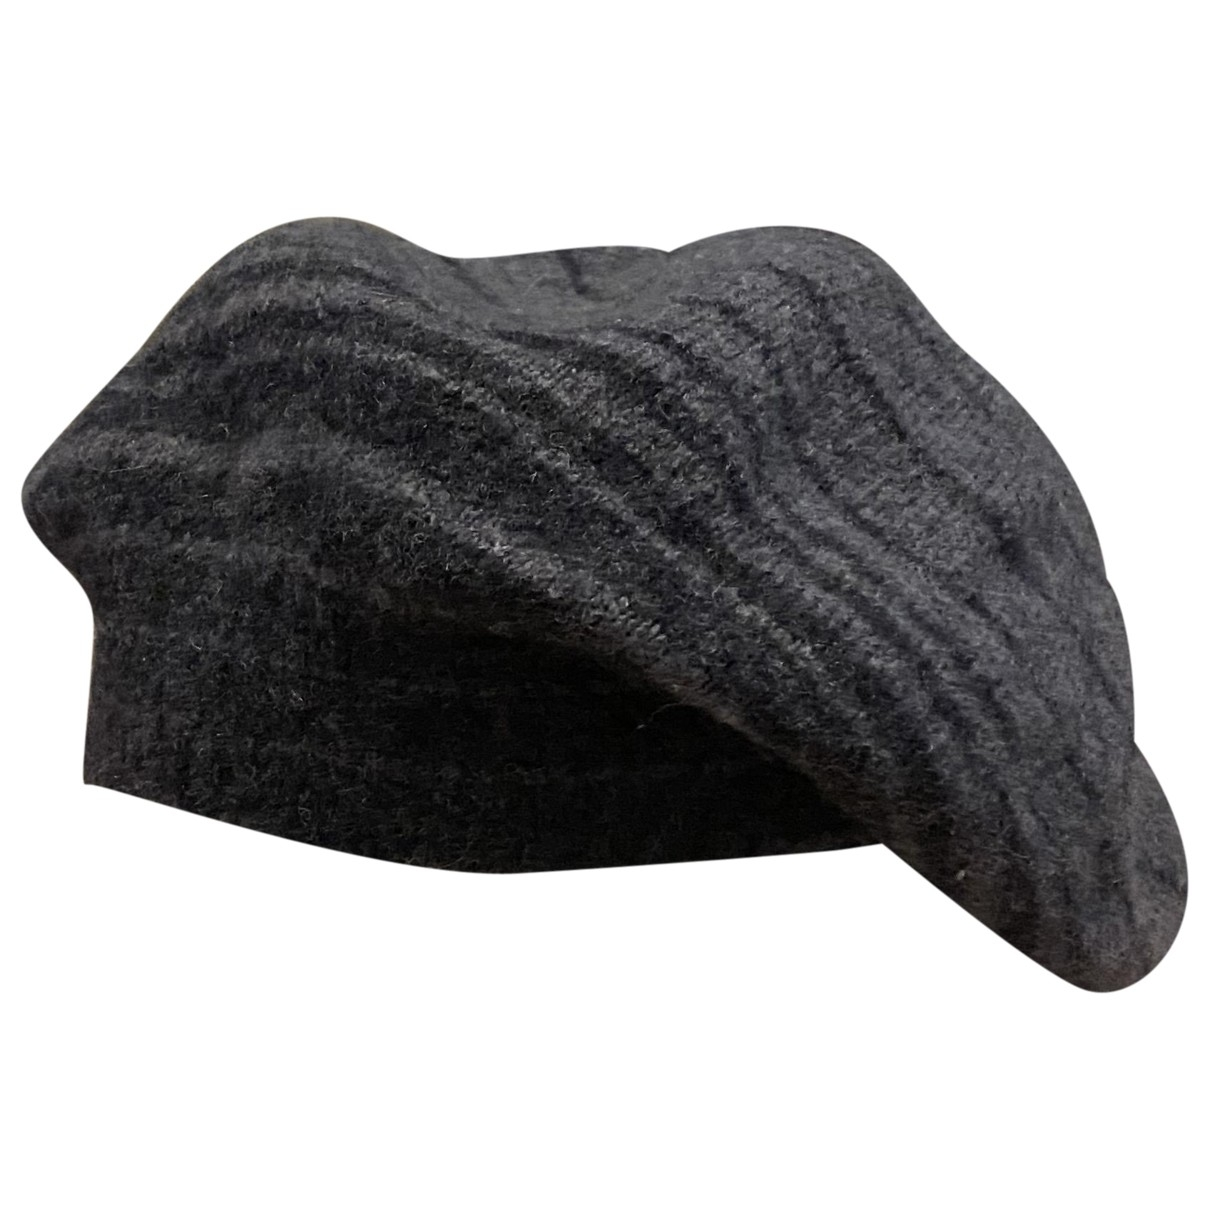 Marella \N Grey Wool hat for Women M International